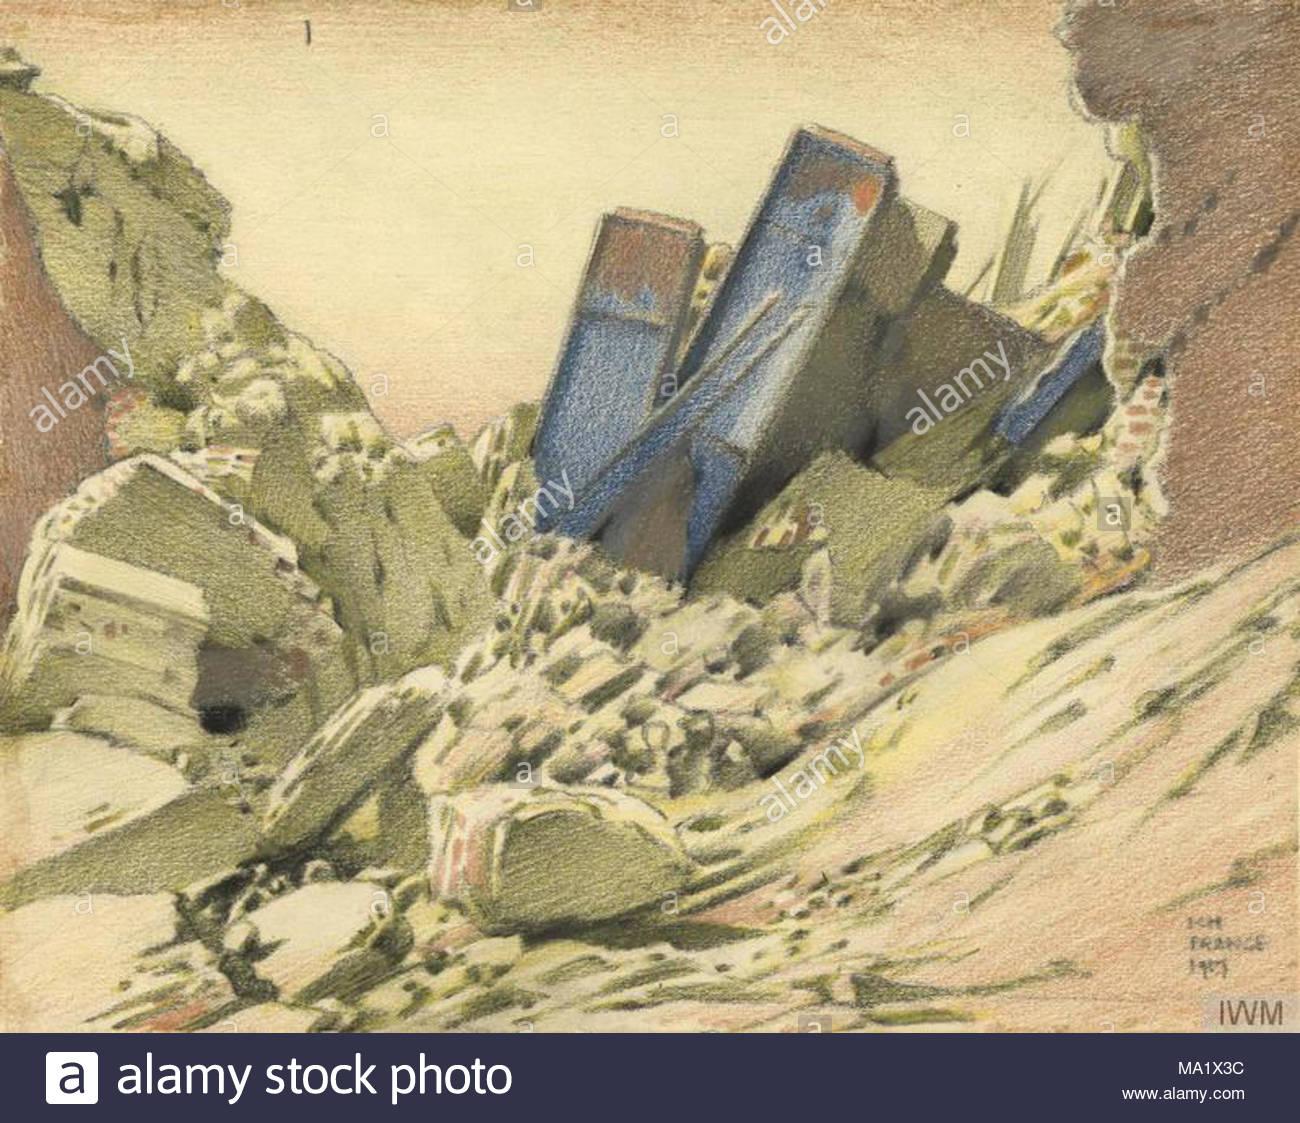 Eine zerstörte Eisenbahnbrücke in der Nähe der Hindenburg Linie - in ...